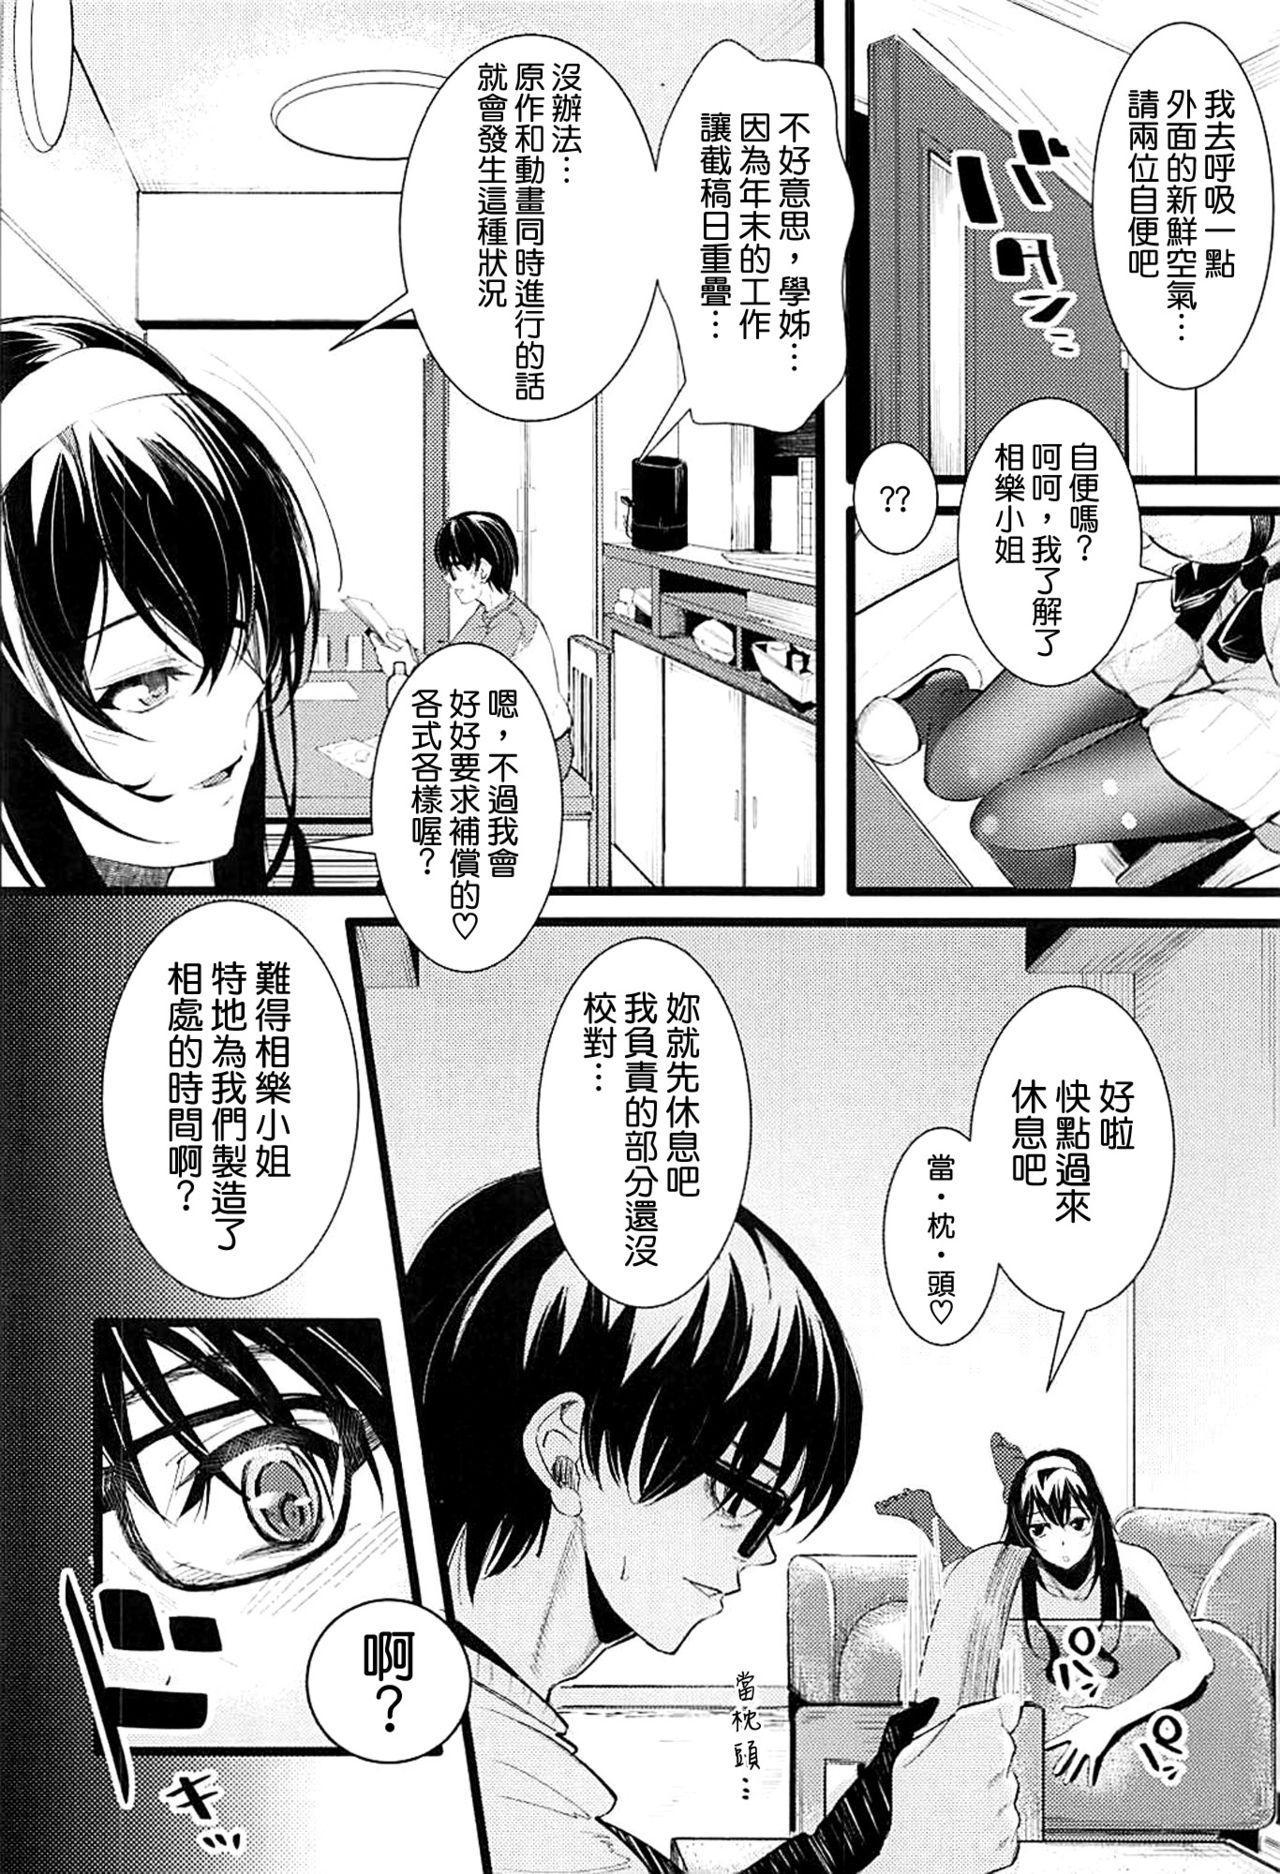 Saenai Futari no Kurashikata 2 3